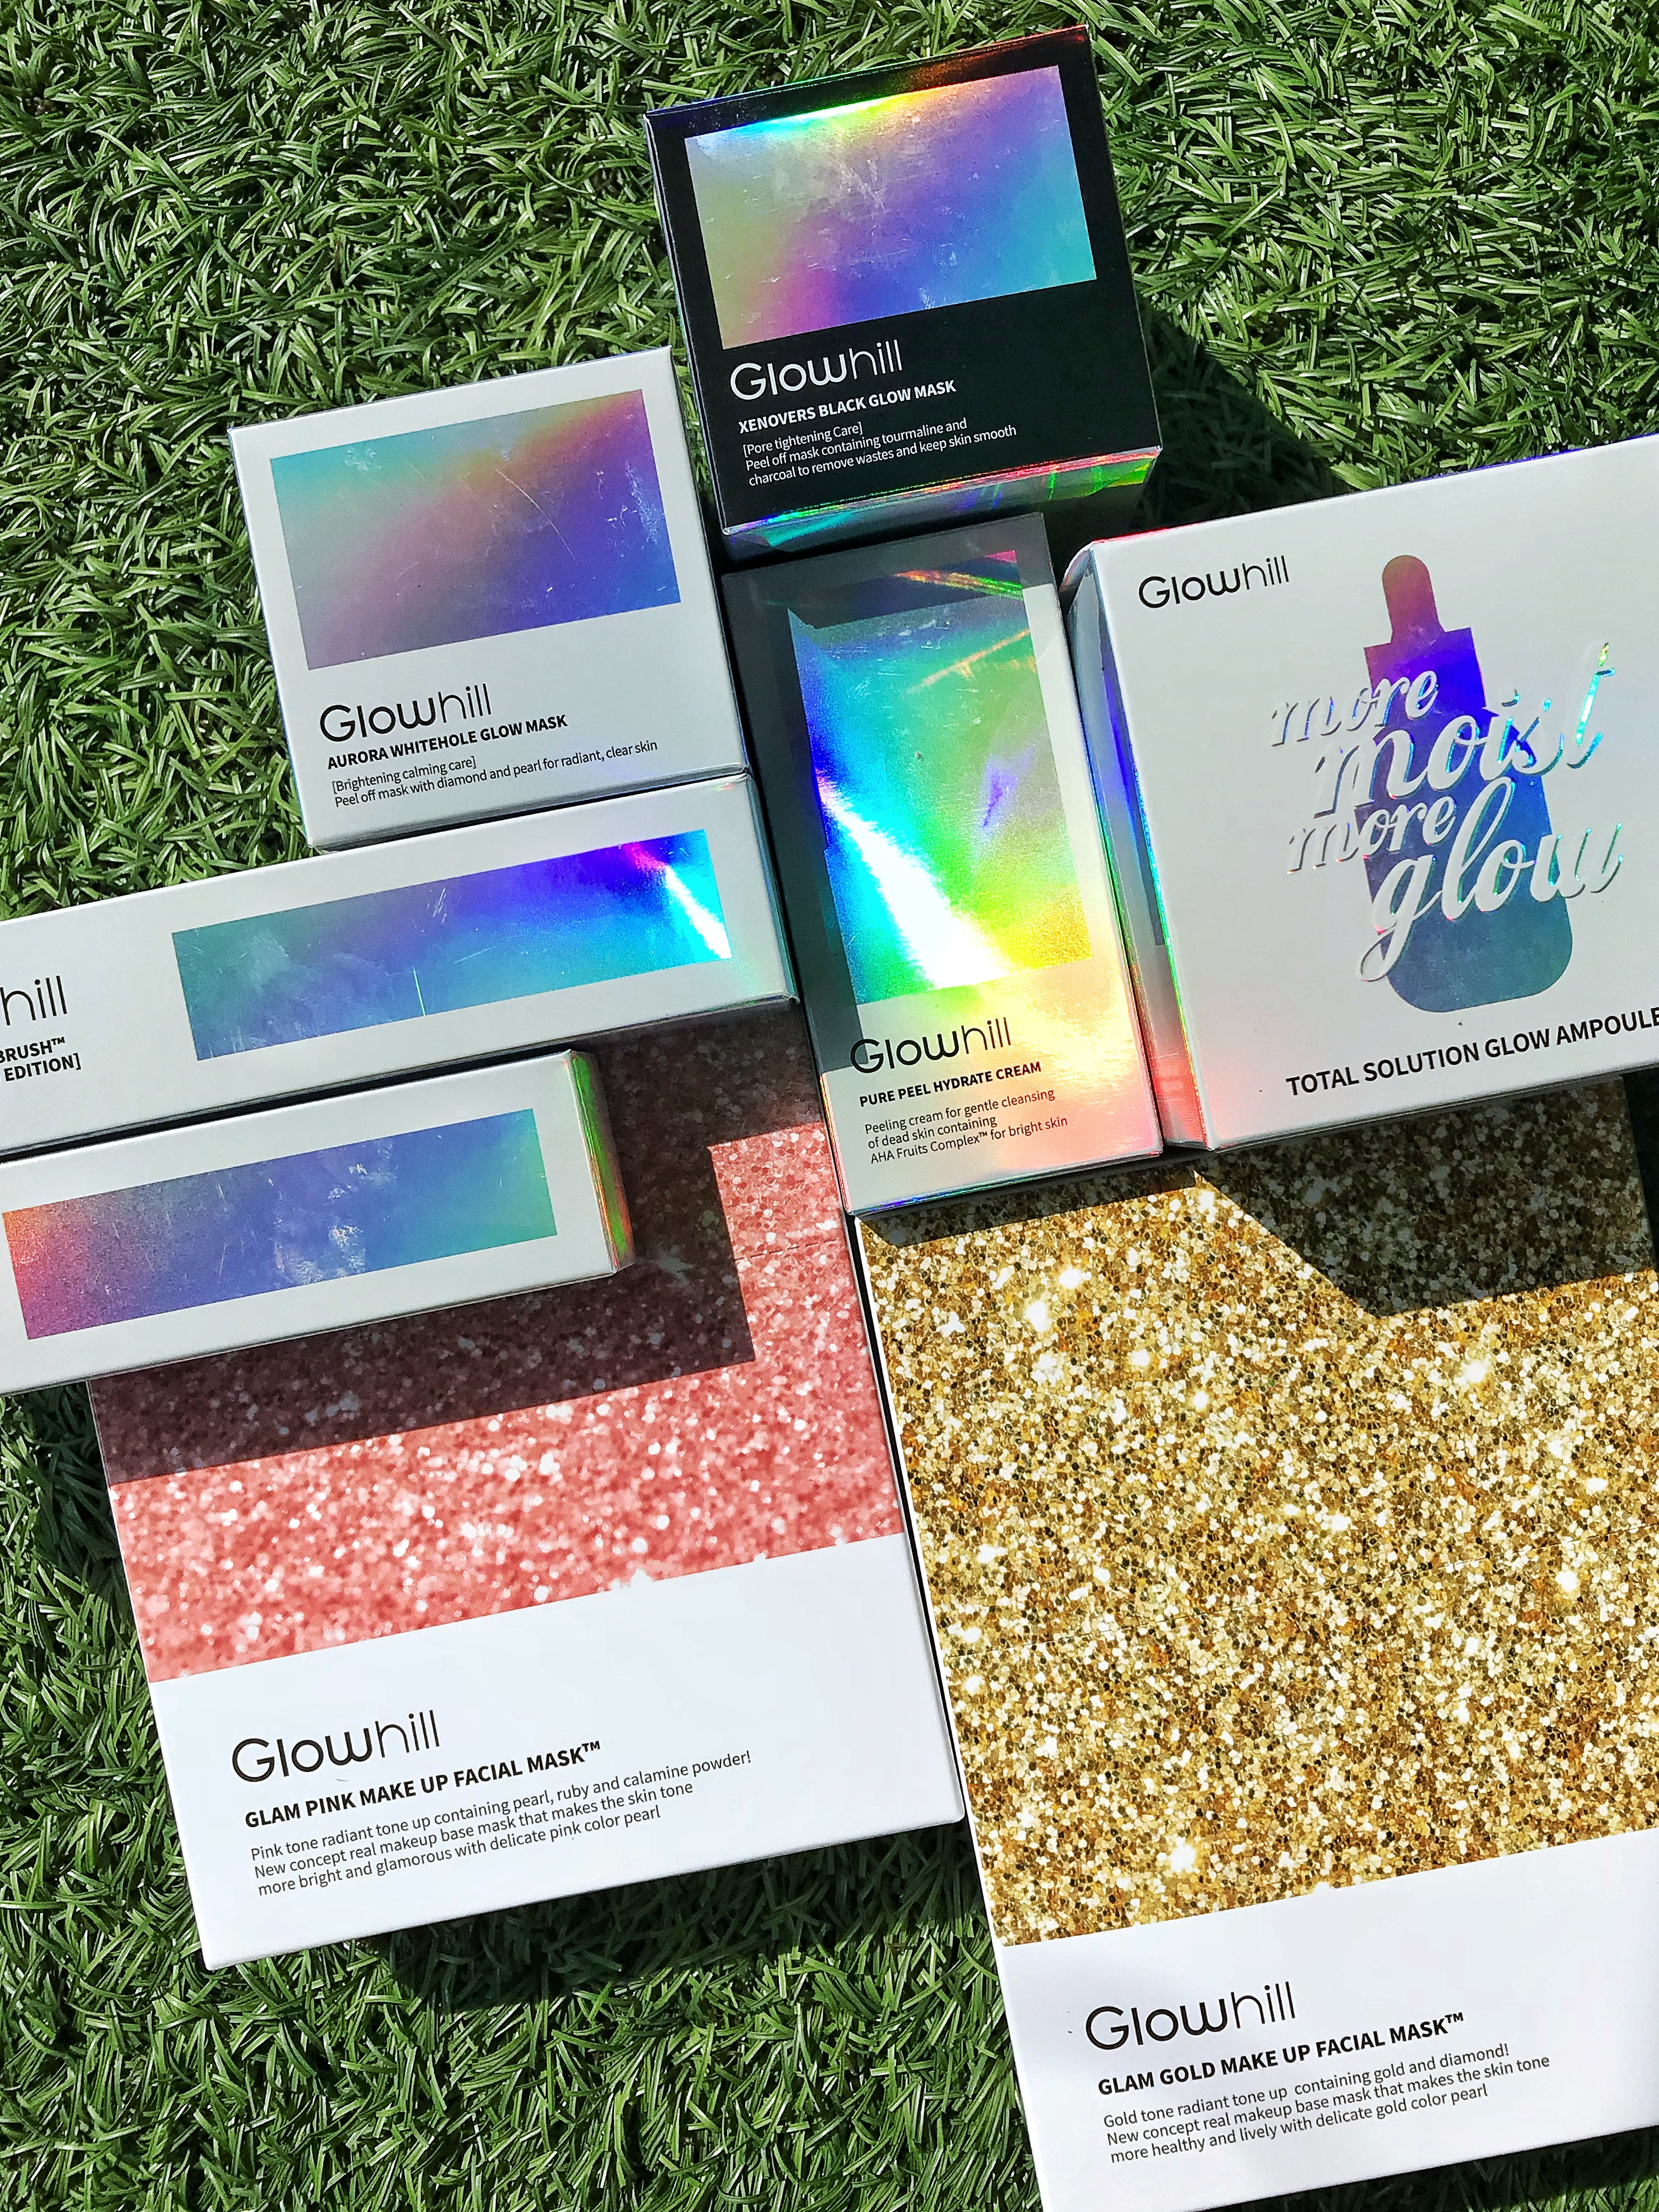 Unboxing: Glowhill Skincare – Ryanraroar